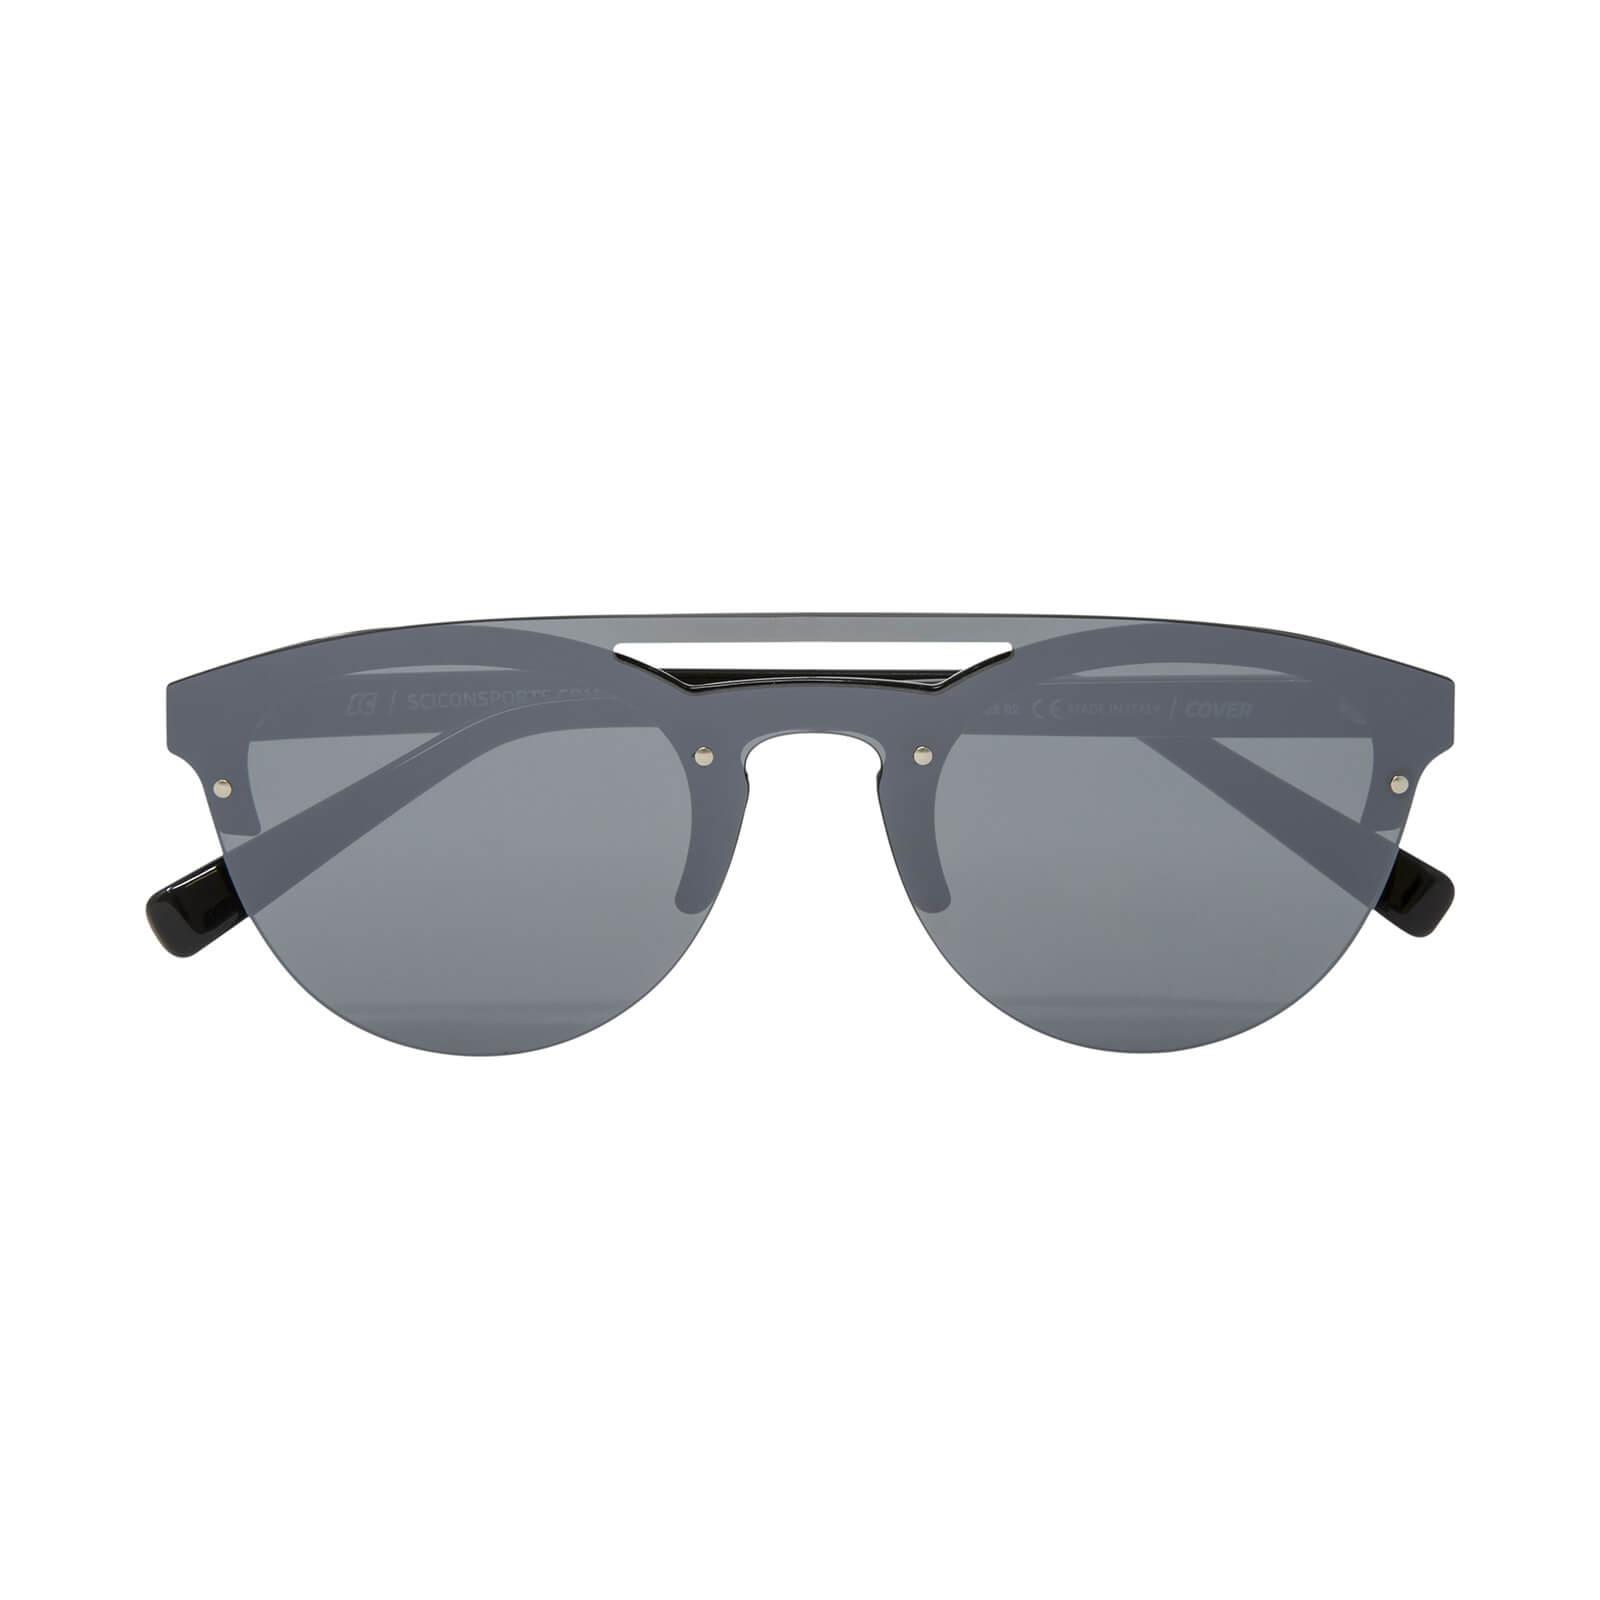 Scicon Cover Sunglasses Silver Multimirror Lens - Black Gloss Frame